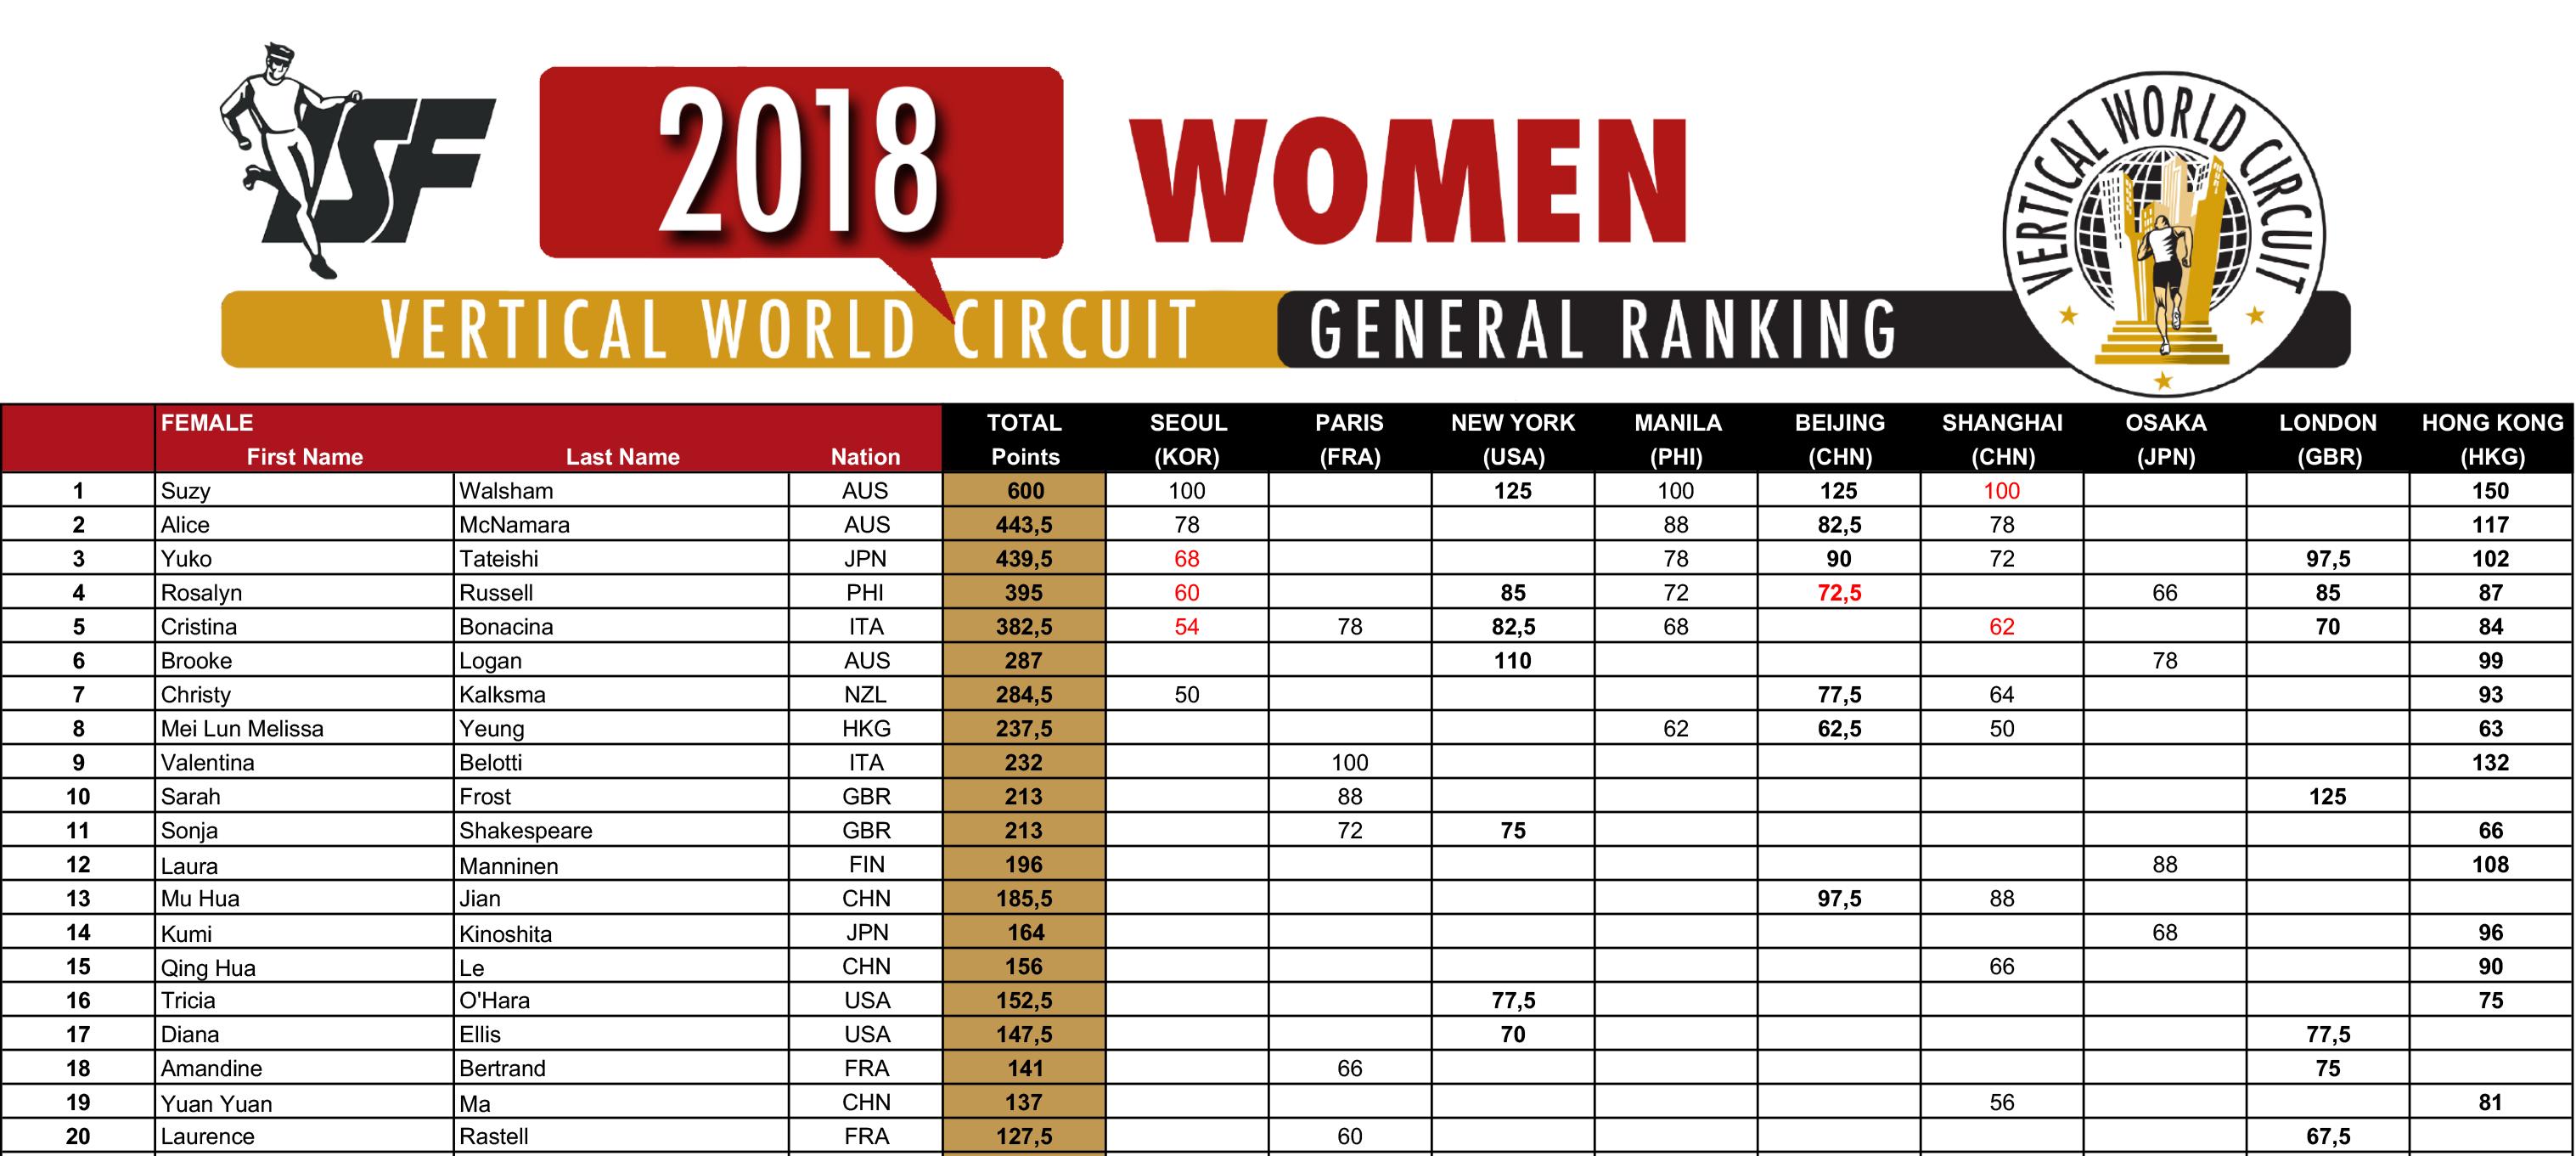 2018_VWC_Ranking_HONG-KONG_W-1-1